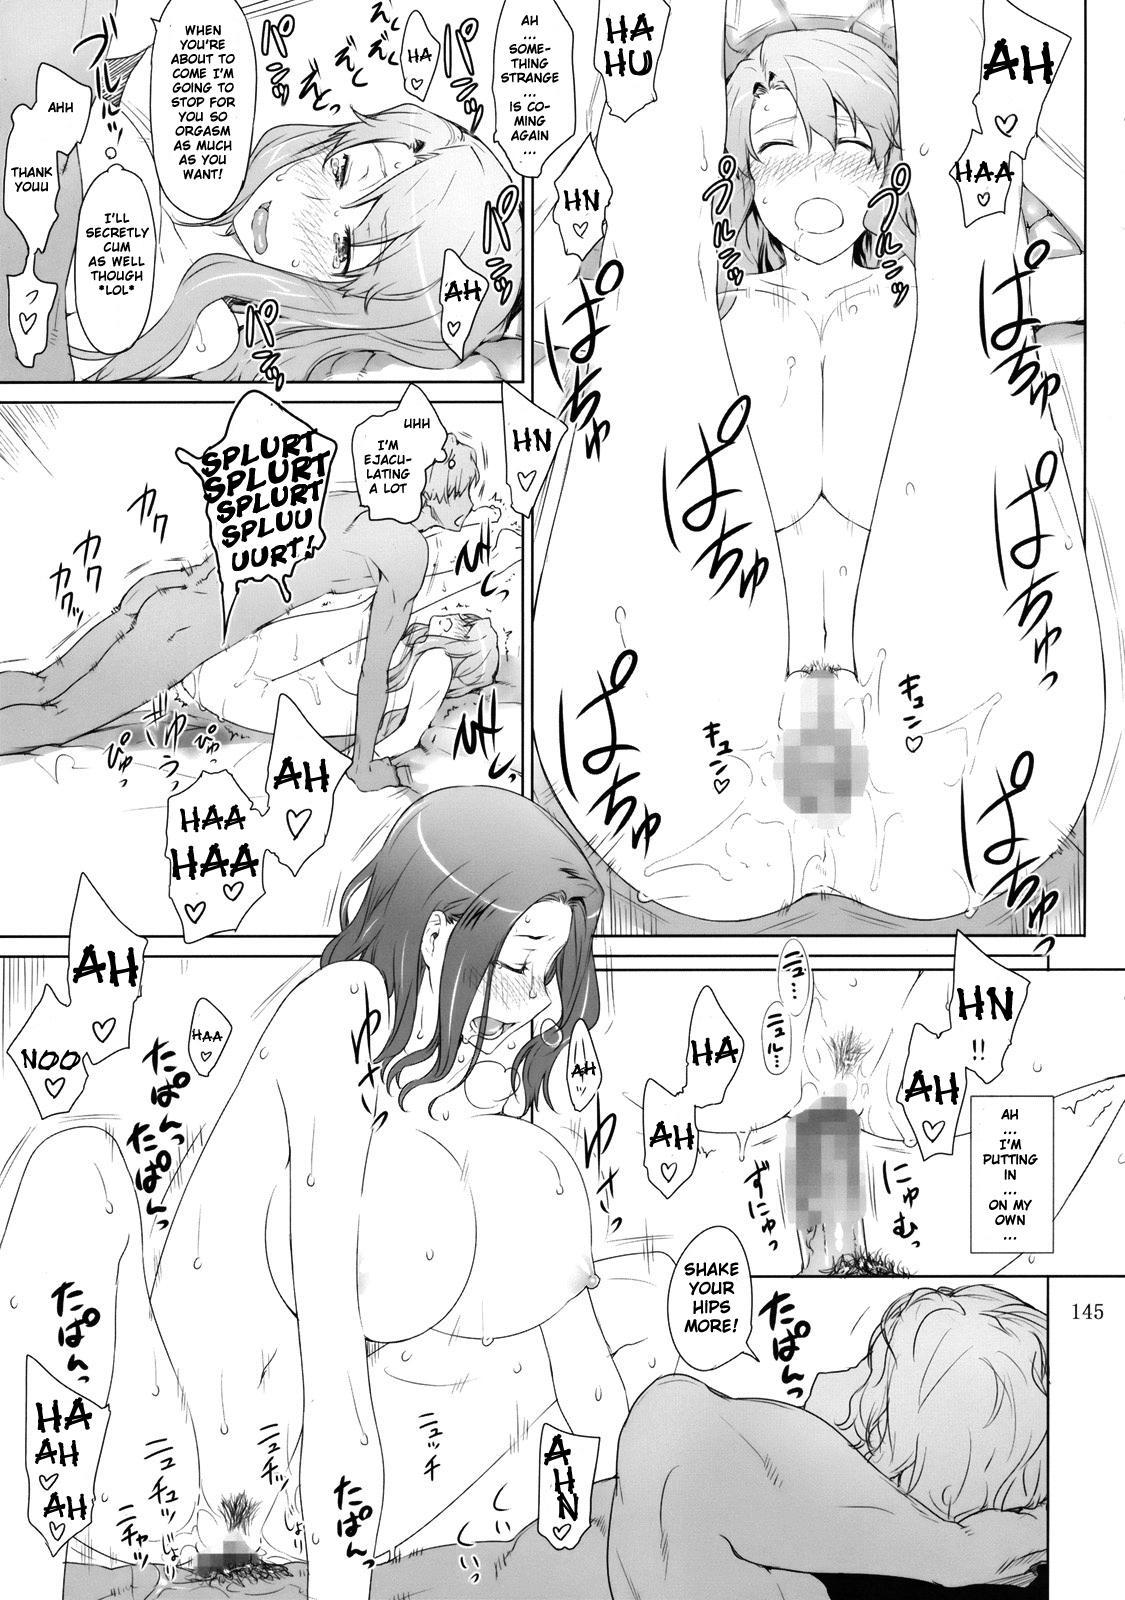 Mtsp - Tachibana-san's Circumstabces WIth a Man 2 93